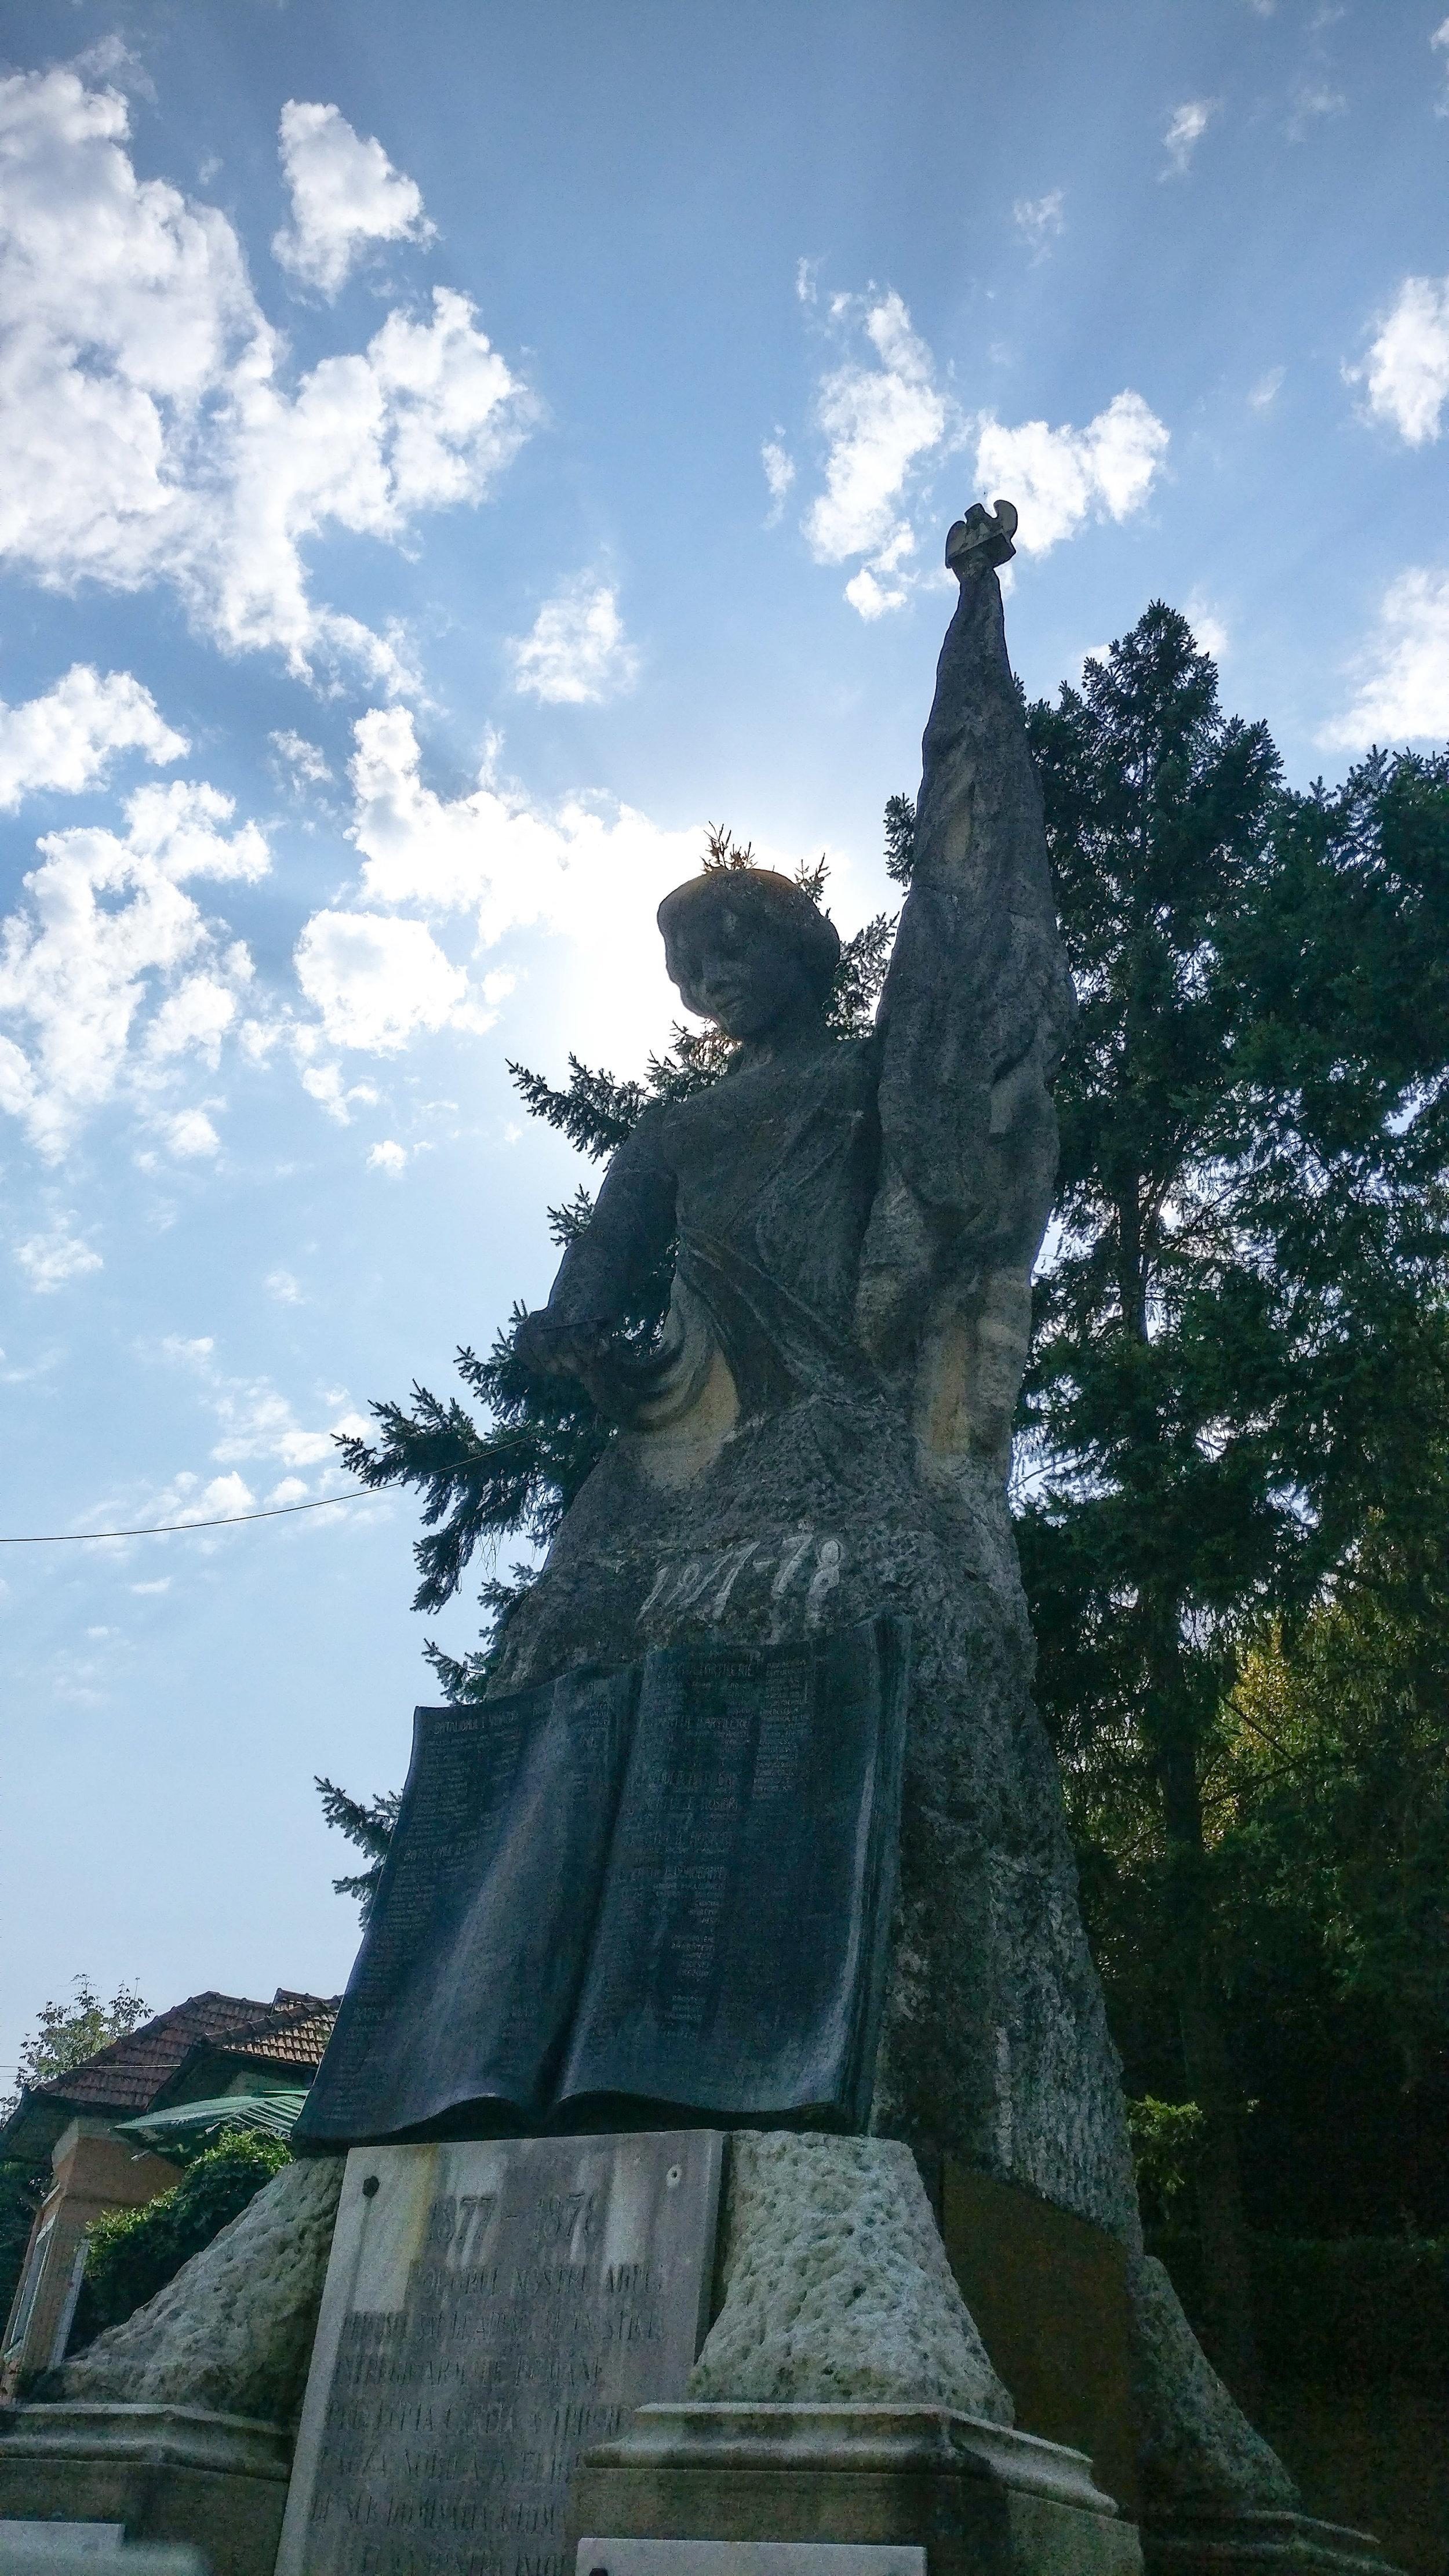 Statuia Independenței din Rm. Vâlcea